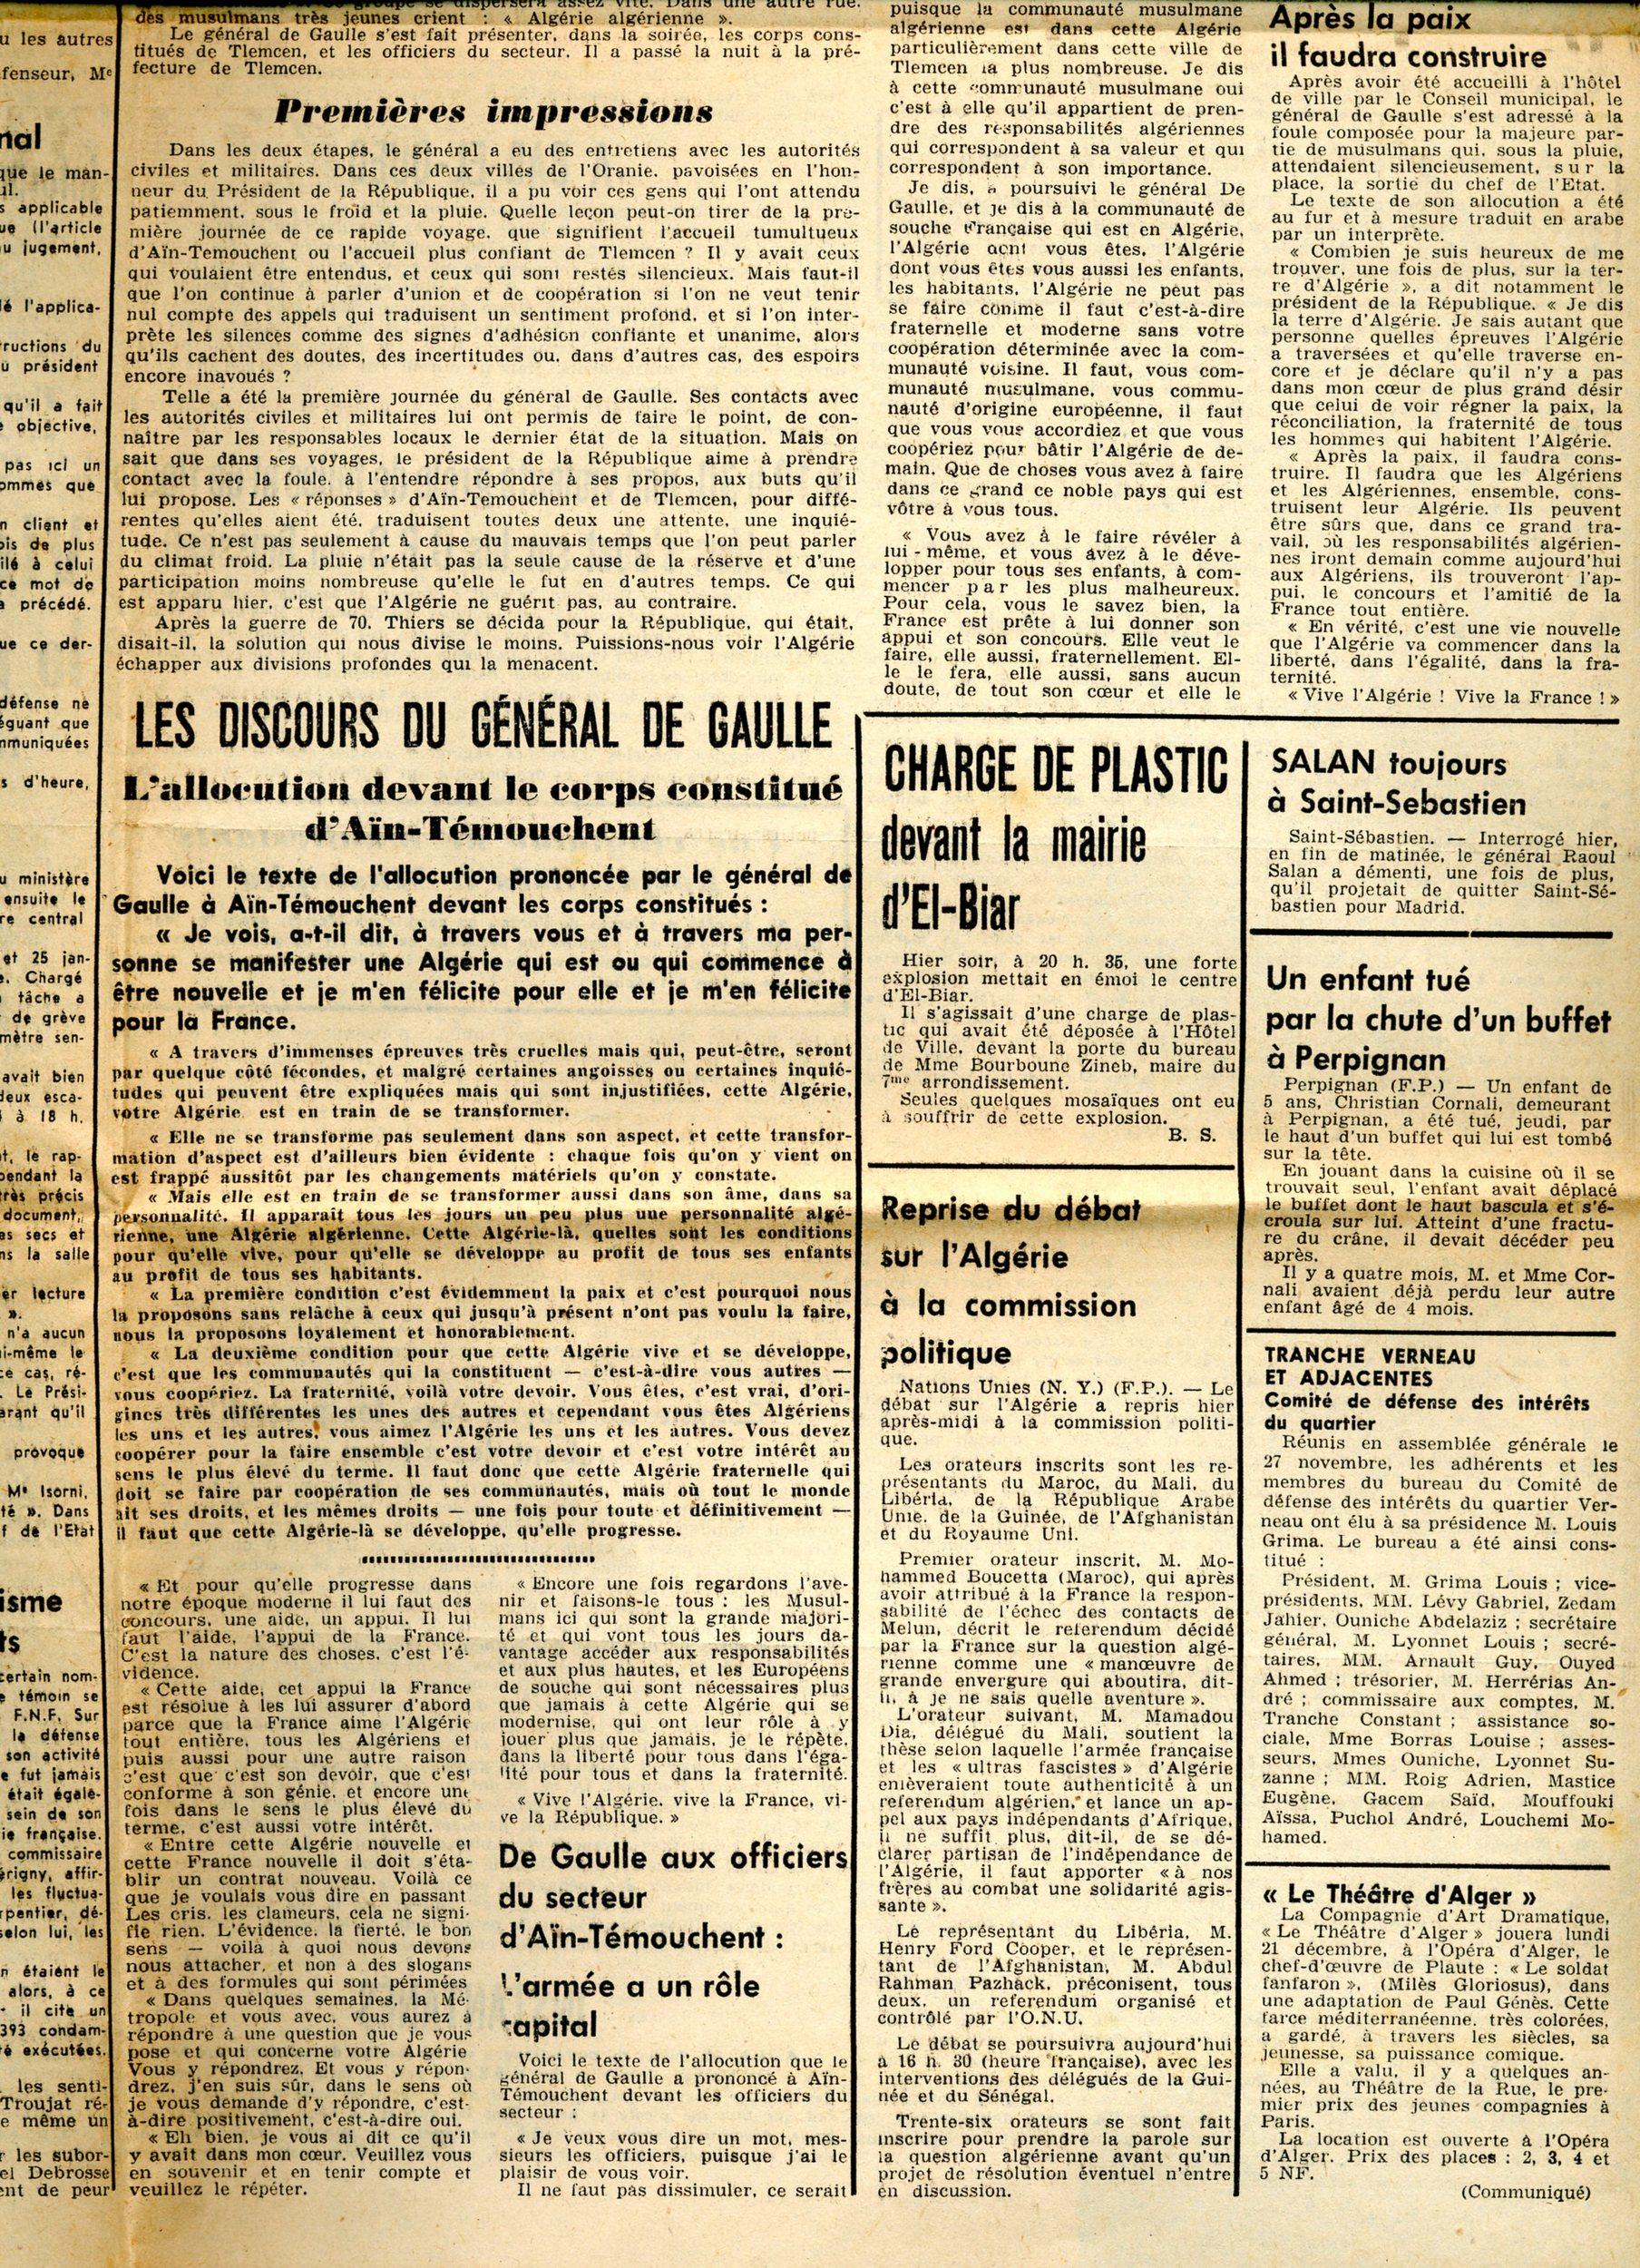 REC_MAN_JOUR19_journaux coupure3v suite3.jpg